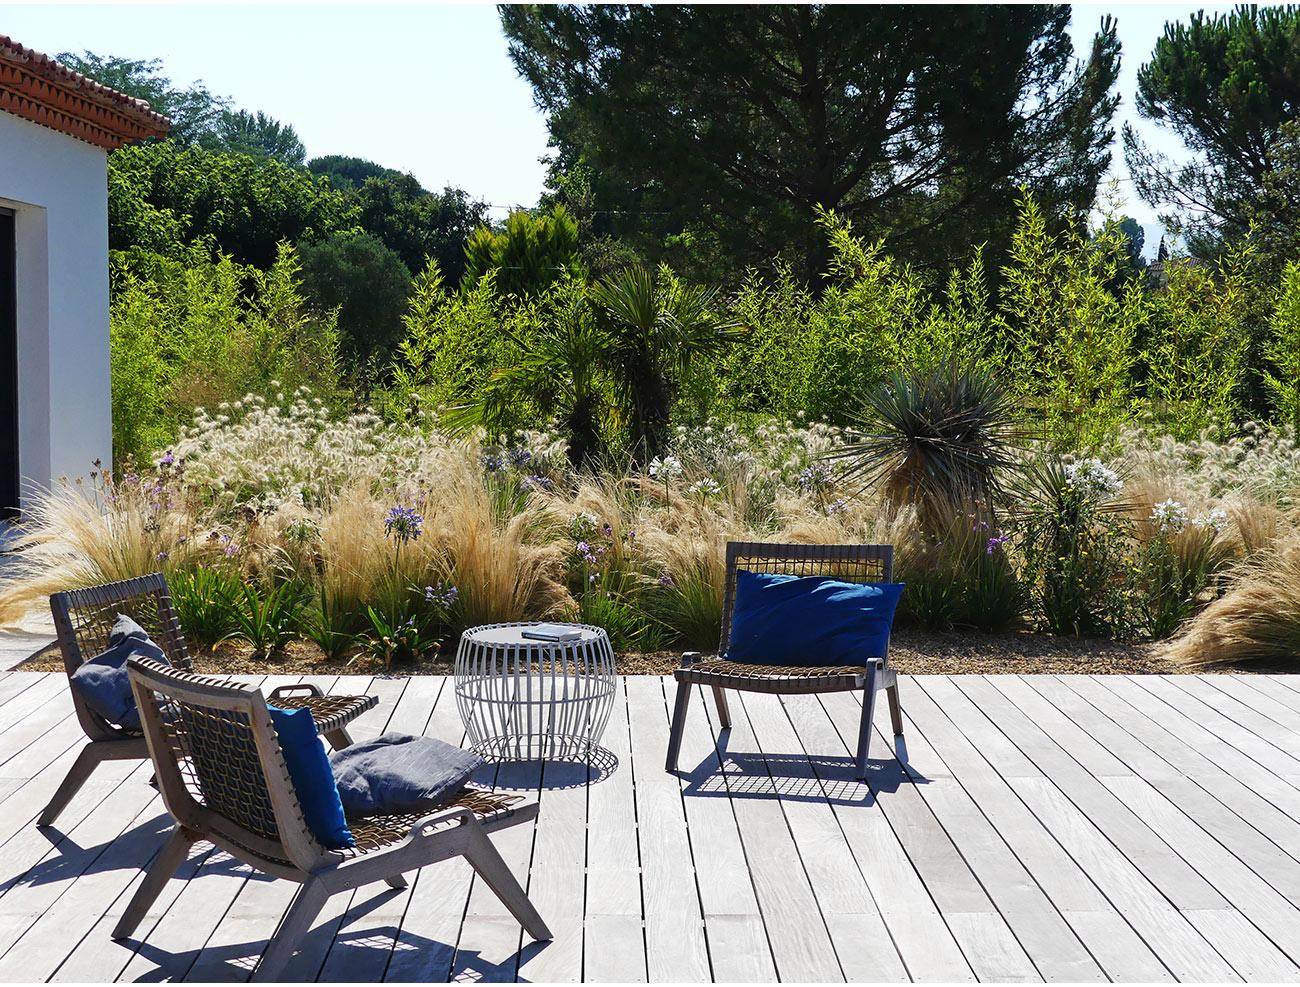 Atelier Naudier - Architecte paysagiste concepteur - Montpellier & Aix-en-Provence - JARDIN et TERRASSE BOIS DÉTENTE - Aménagement jardin